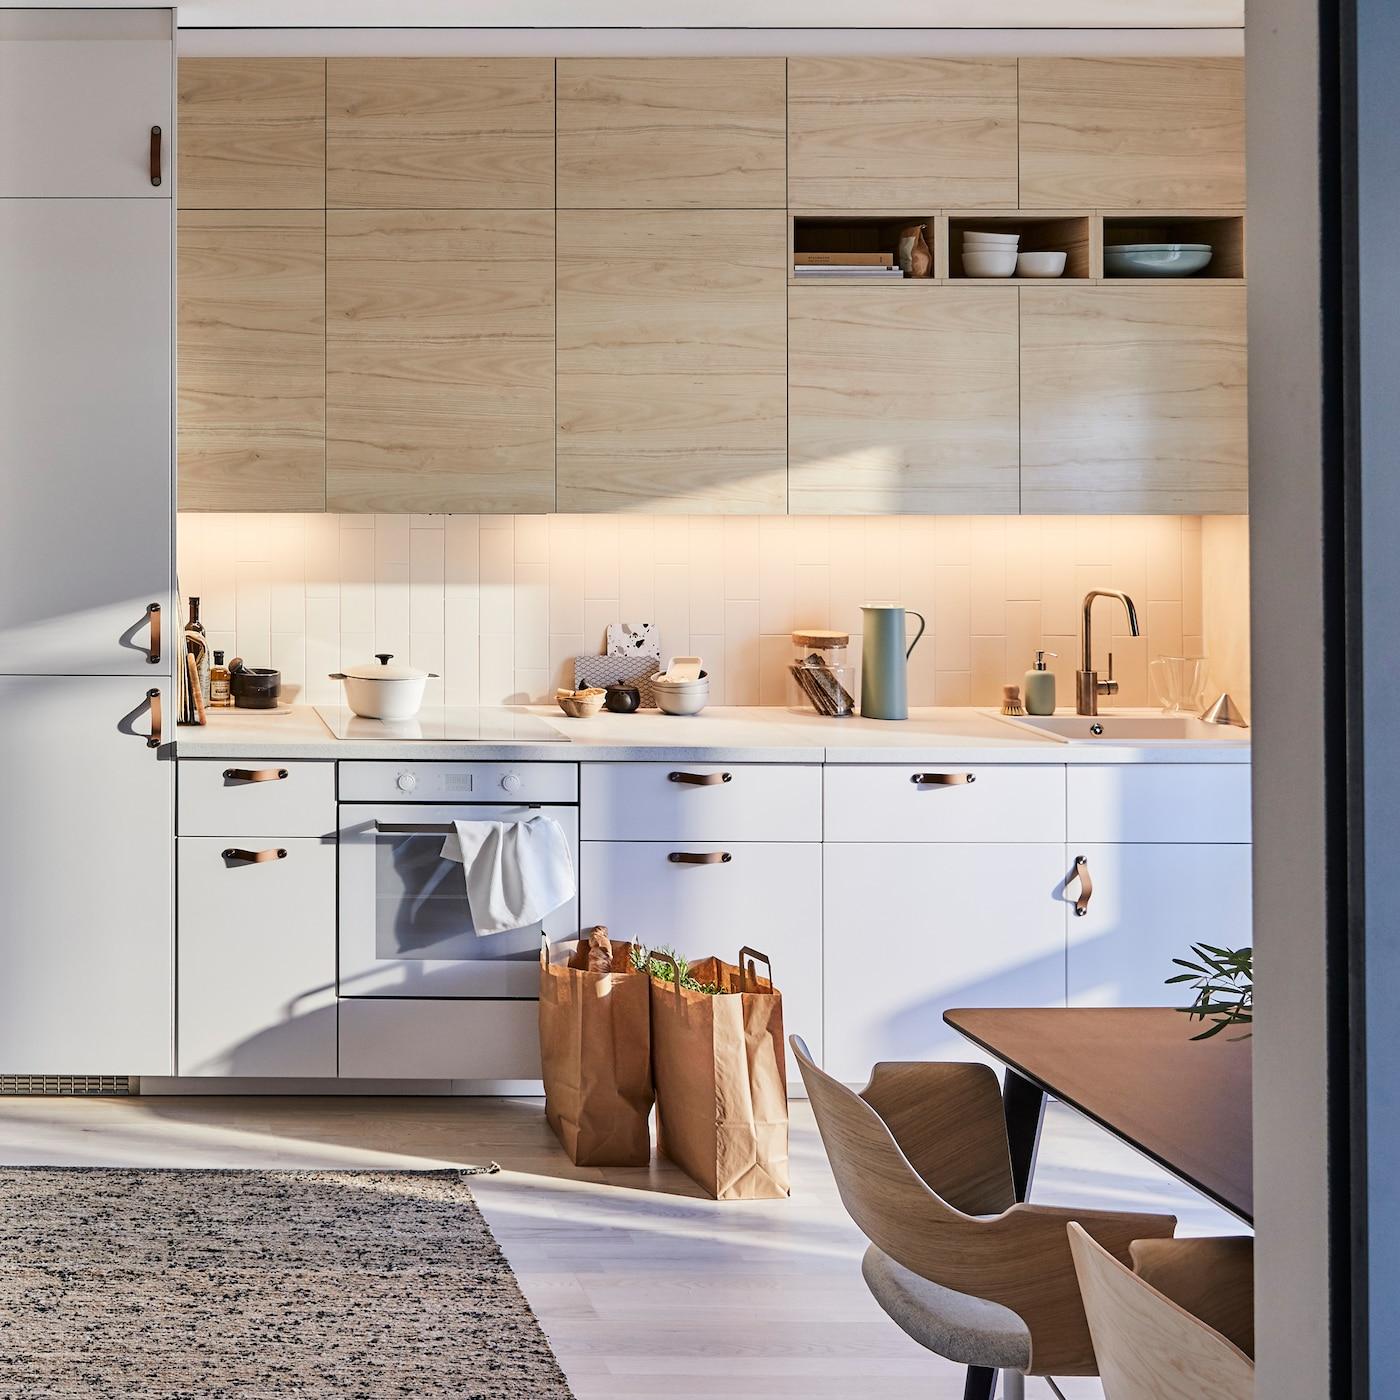 A cozinha METOD com frentes de porta ASKERSUND efeito freixo claro combina bem com um tapete de tecelagem plana MELHOLT tecido em juta e lã para uma cozinha zen.